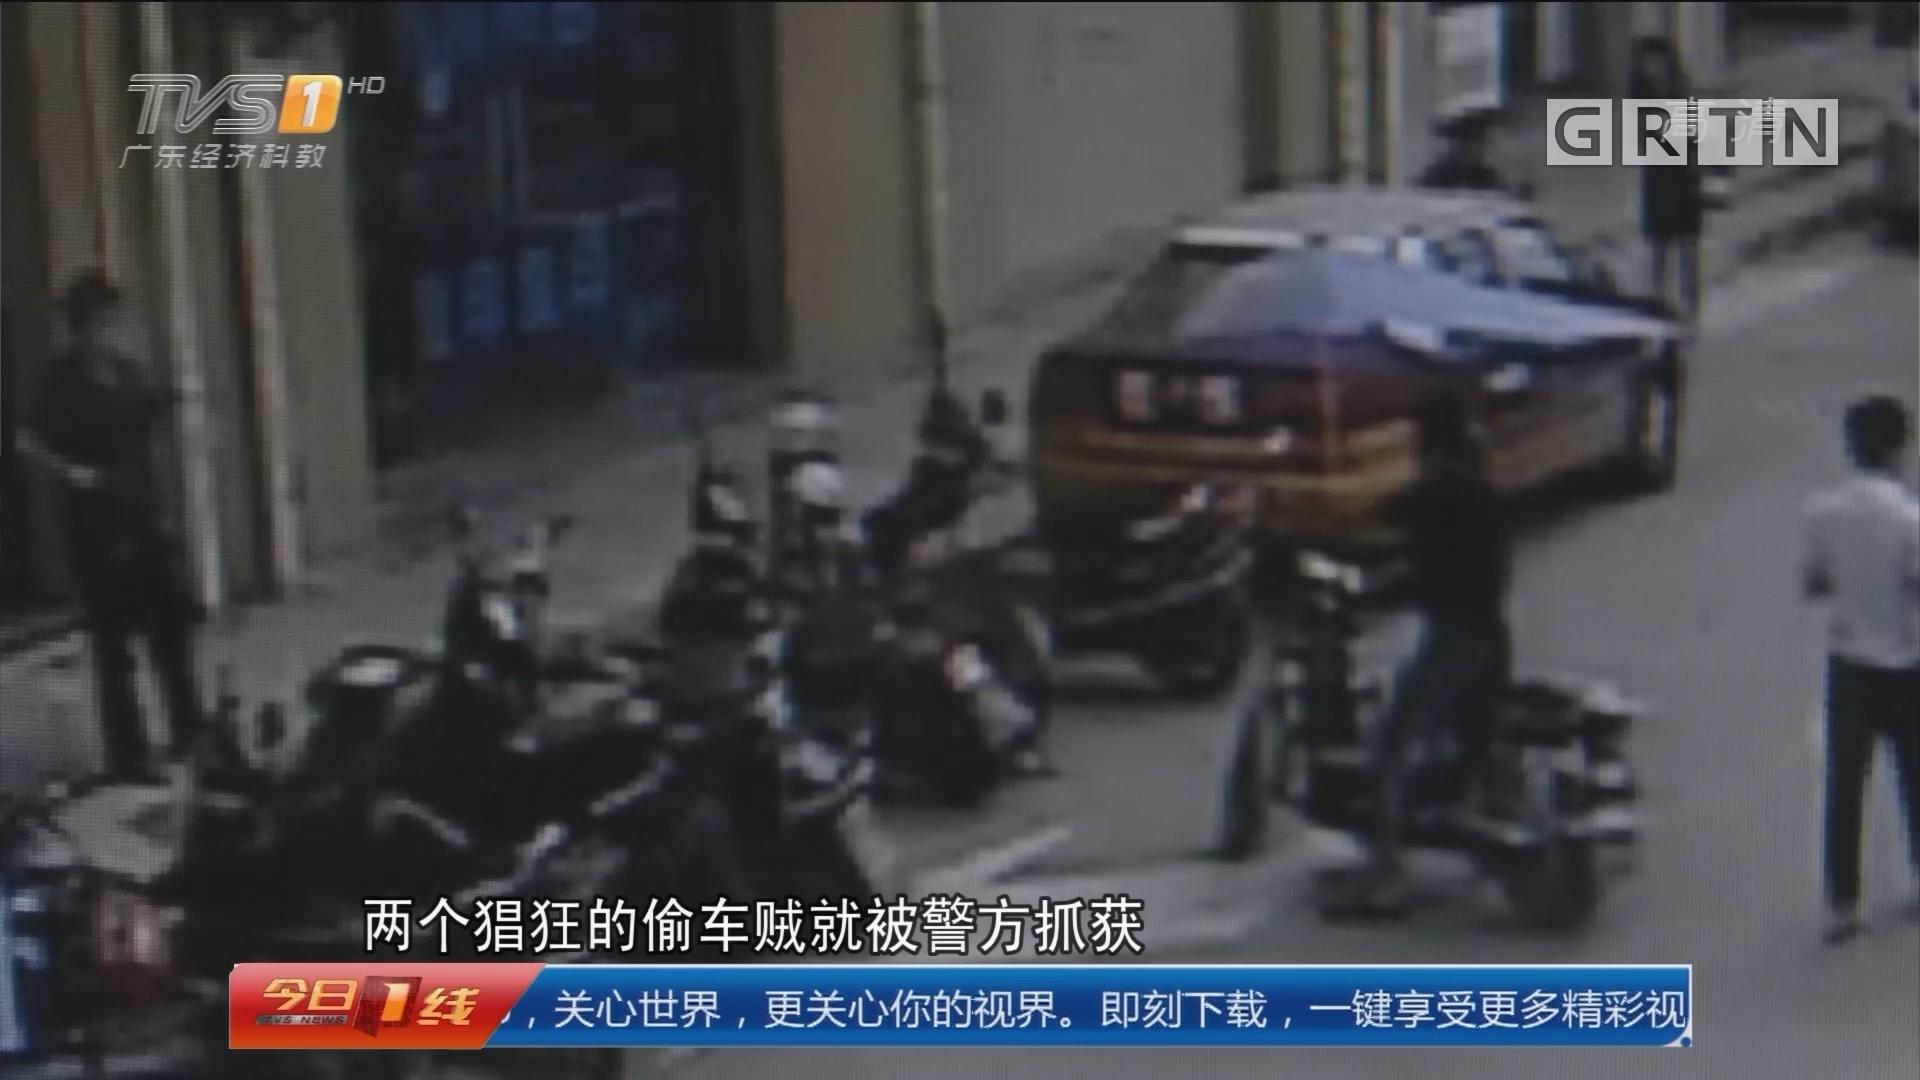 深圳:派出所办事丢车 警方5小时破案